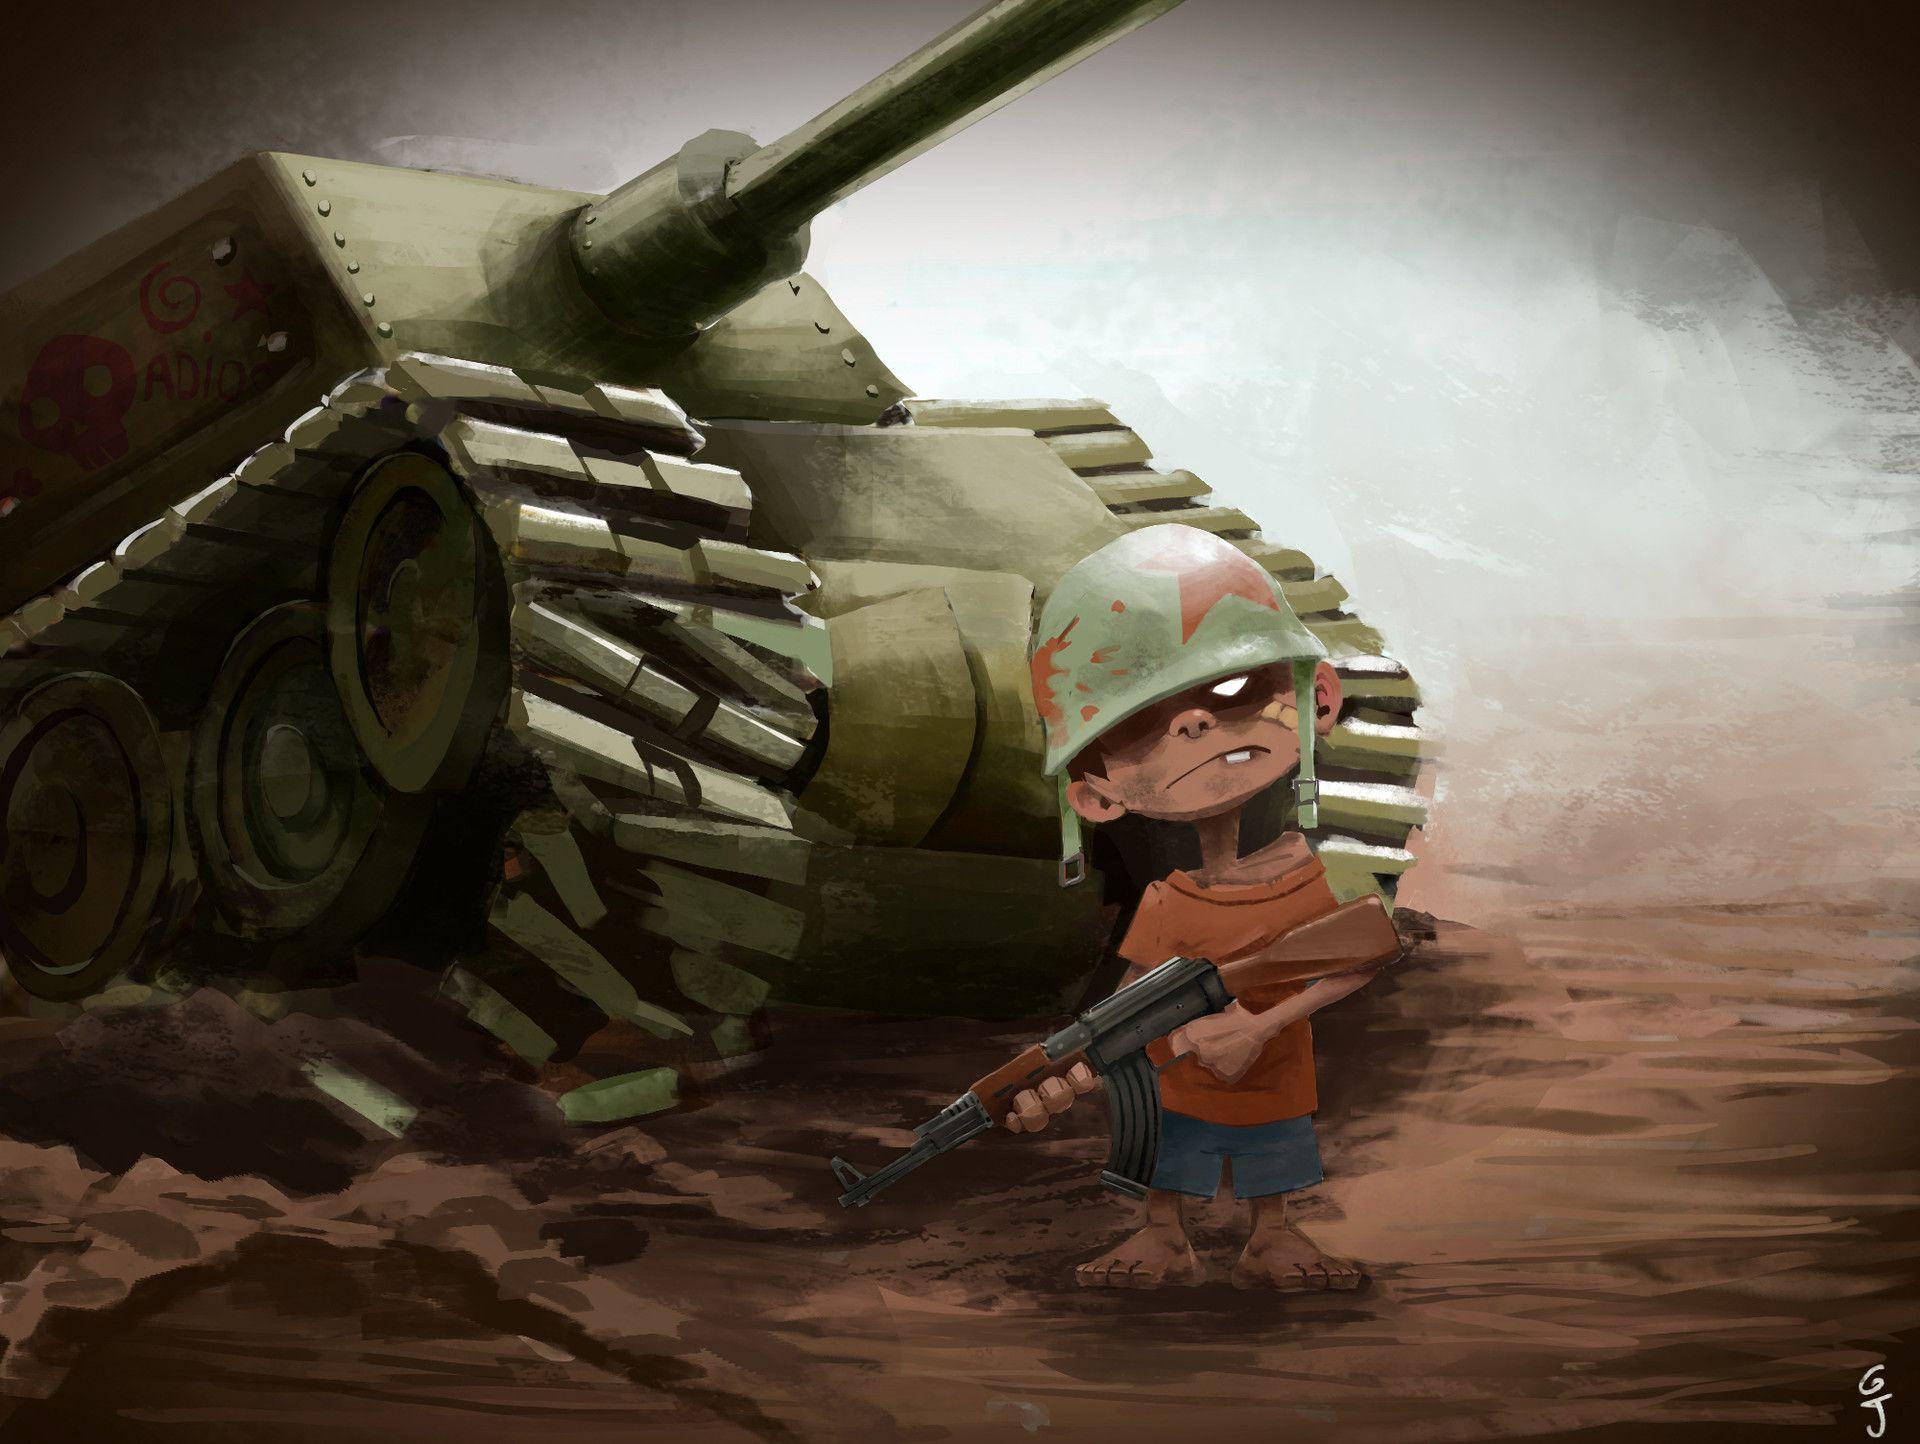 ArtStation - Soldier Child, Jeremy Guerrieri